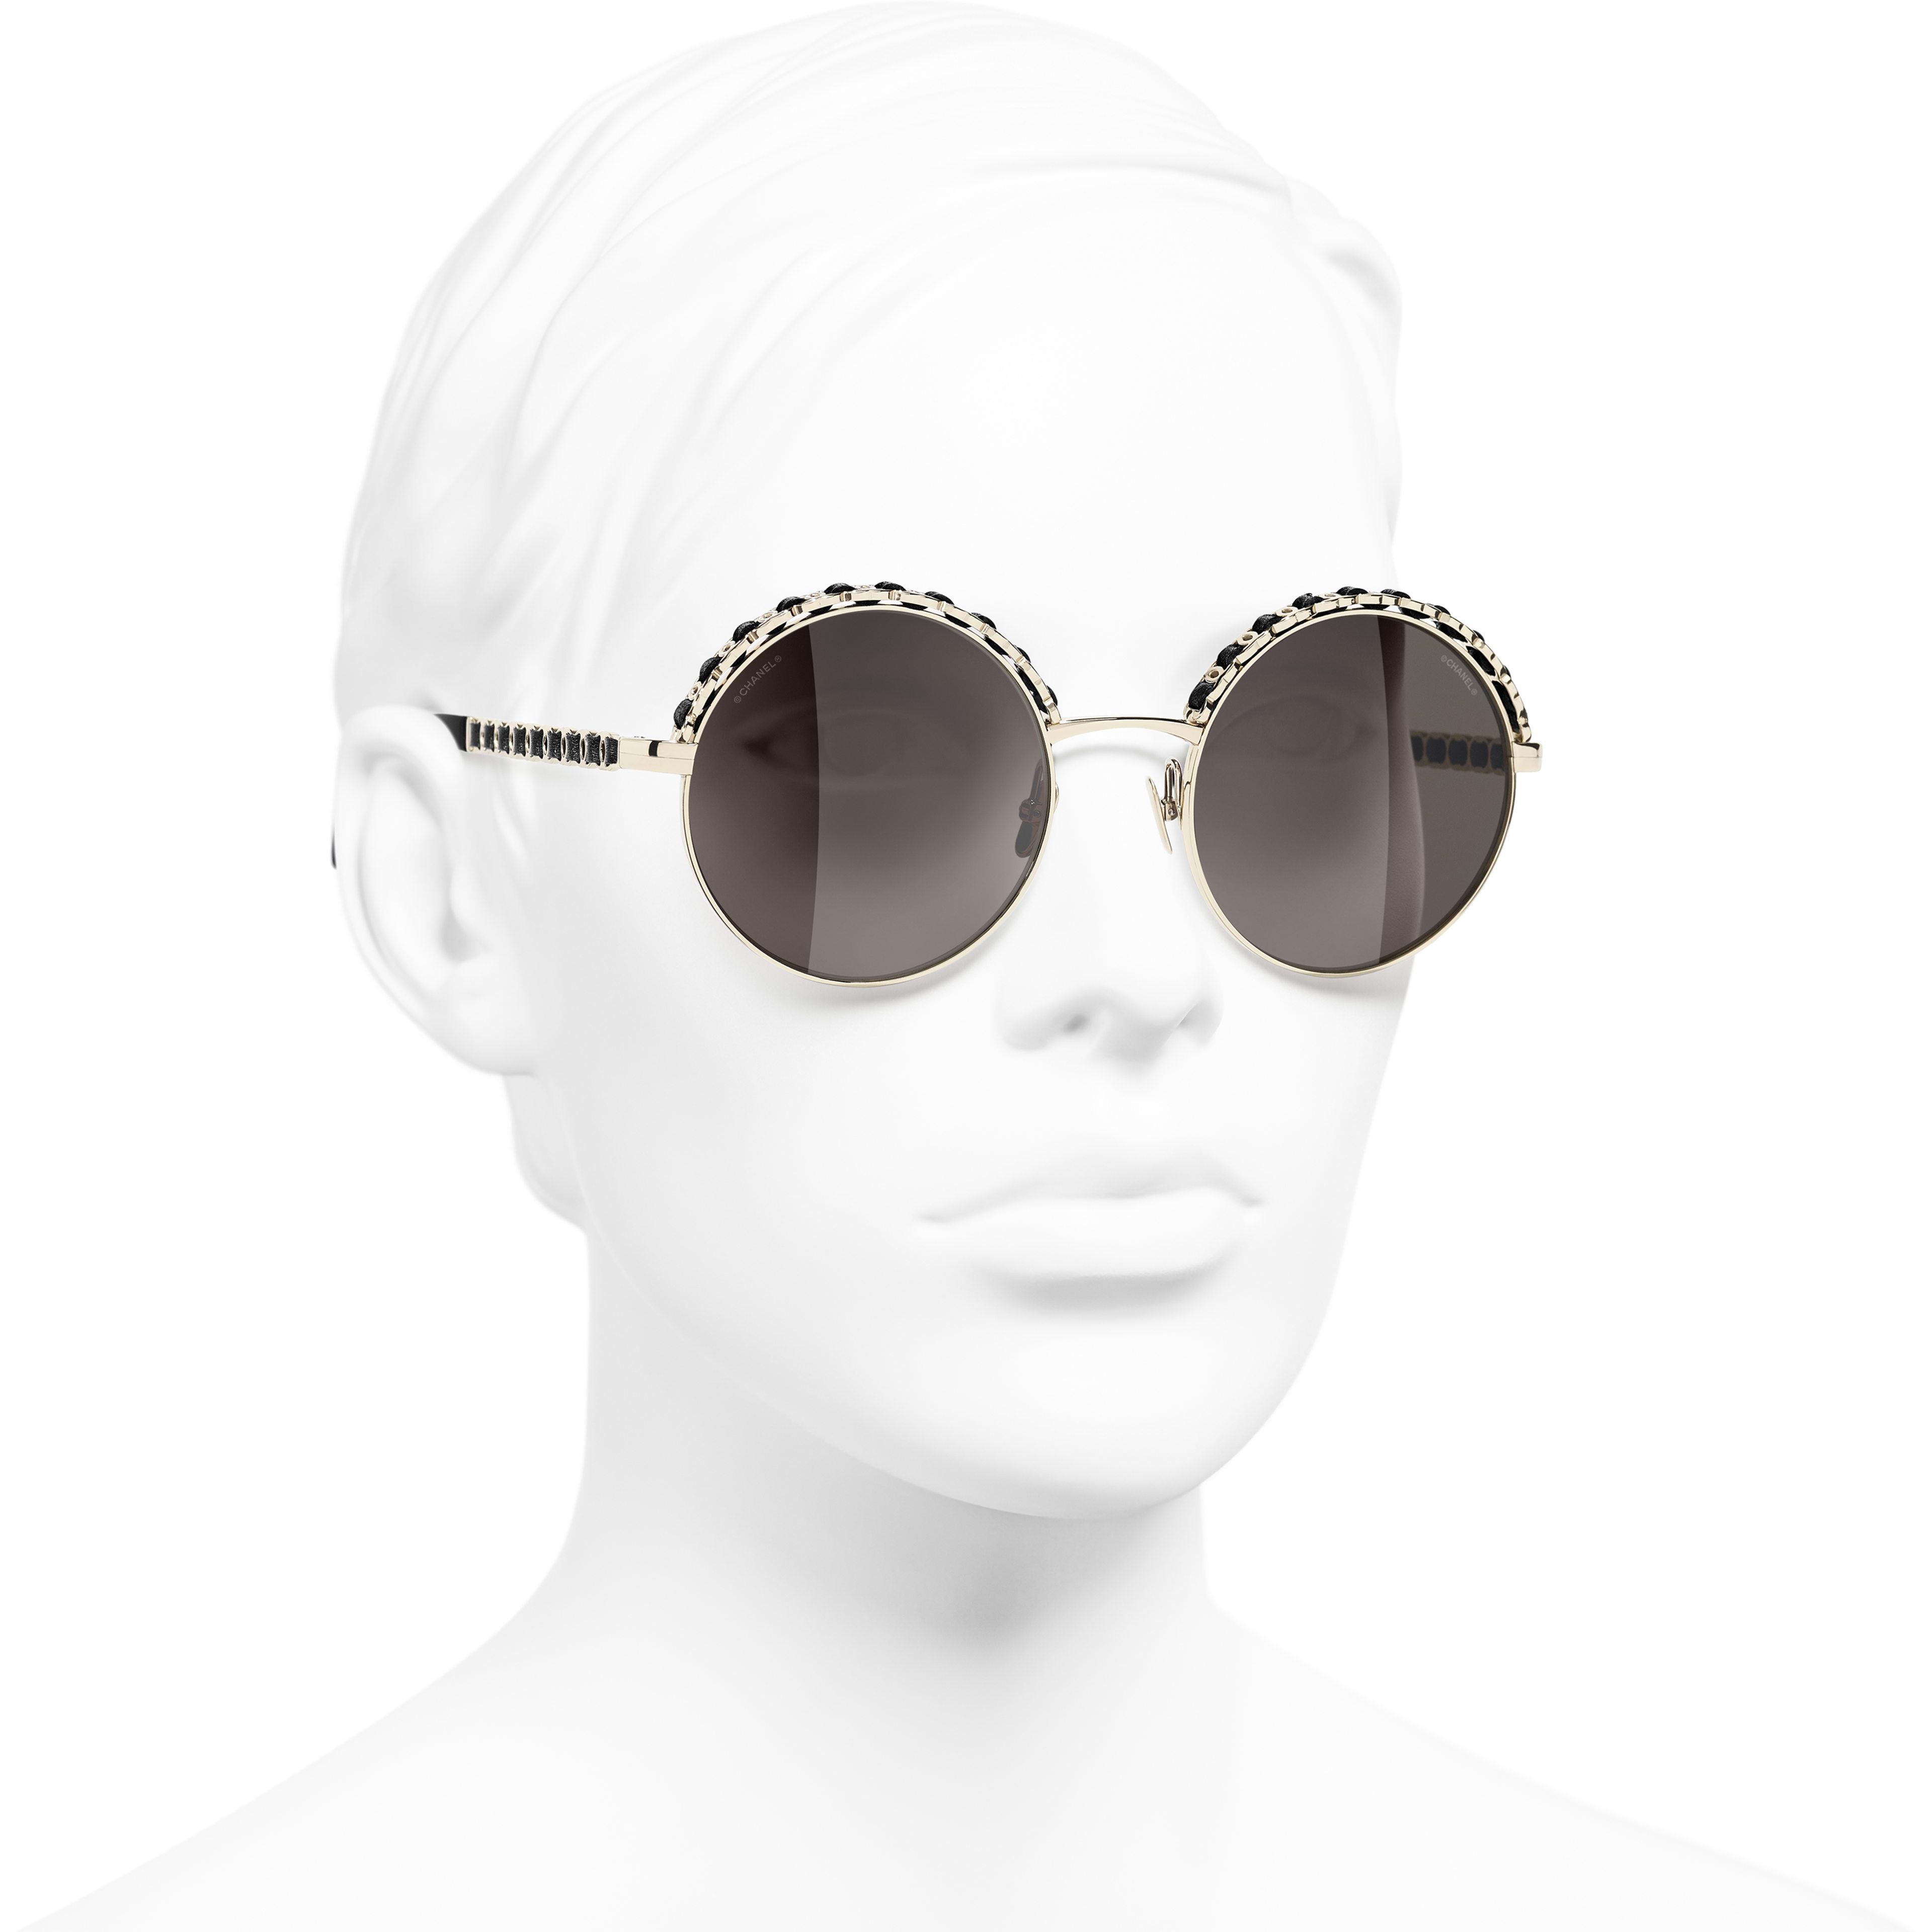 Óculos De Sol Redondos - Dourado & Preto - Metal & Calfskin - CHANEL - Vista 3/4 - ver a versão em tamanho standard